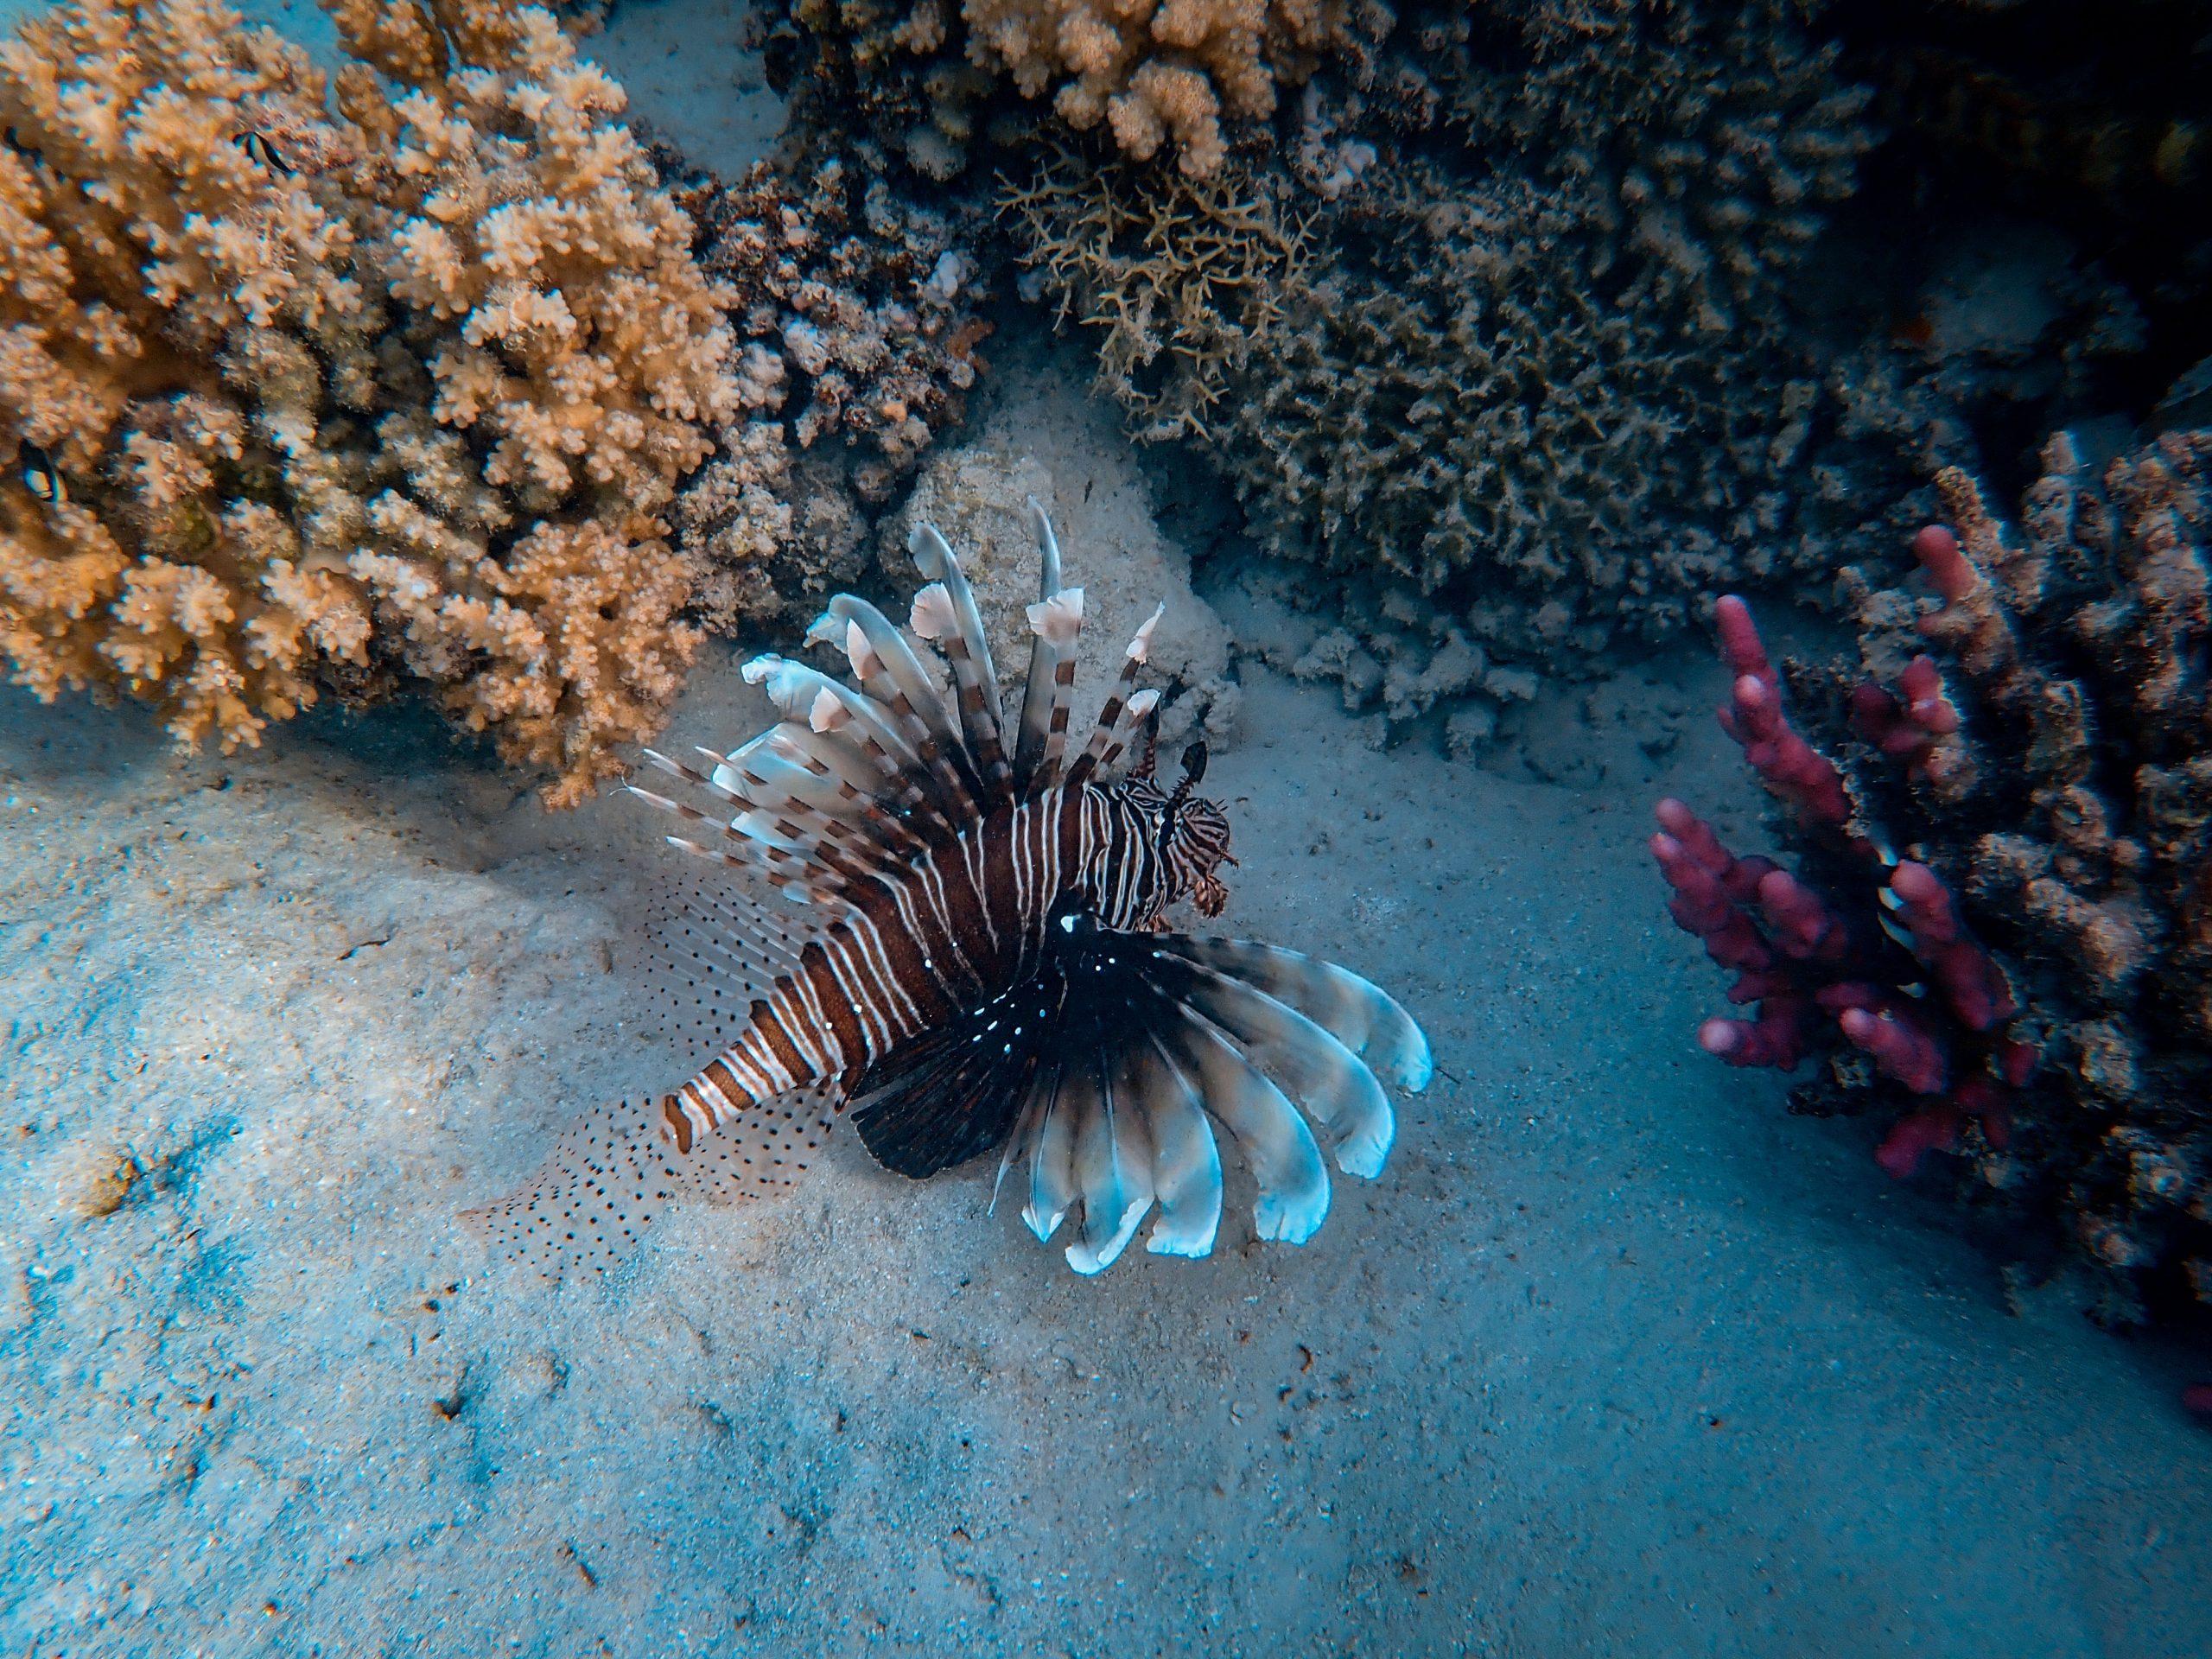 Saving Coral Life